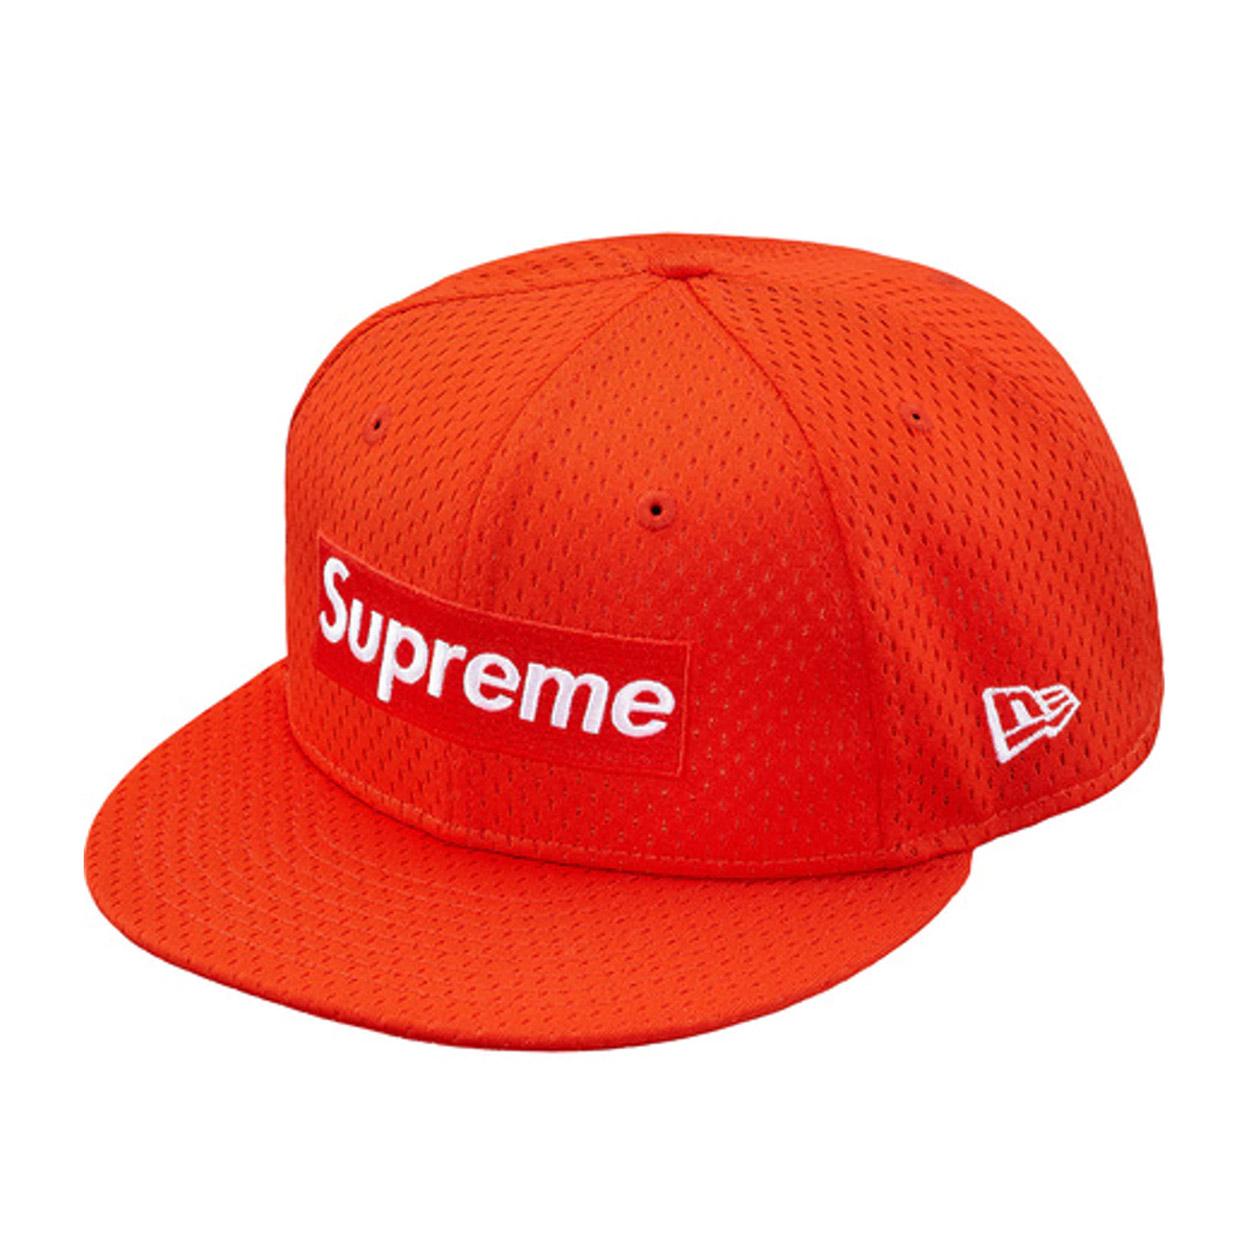 Supreme New Era Mesh Box Logo Cap Orange  5e02db178c3